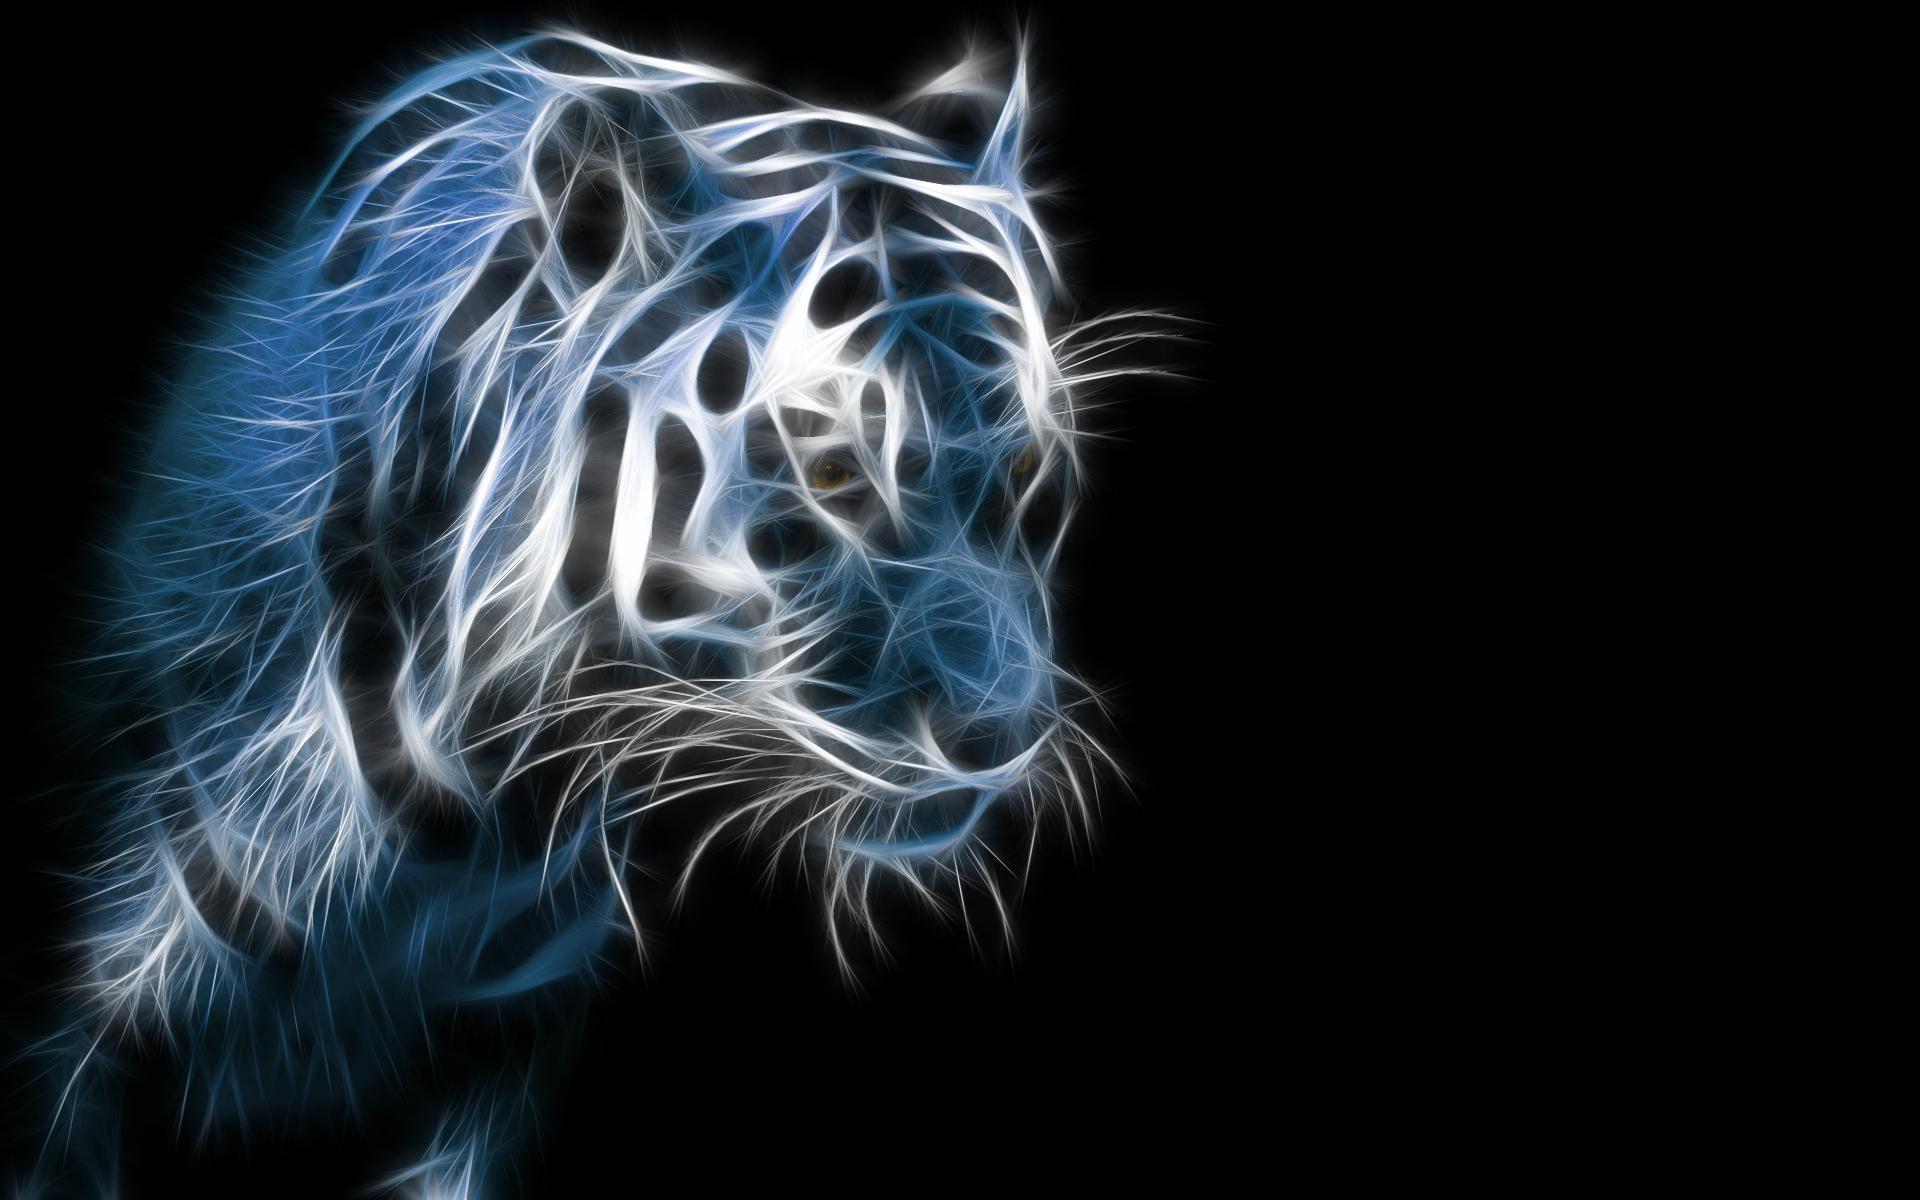 cool-tiger-wallpaper